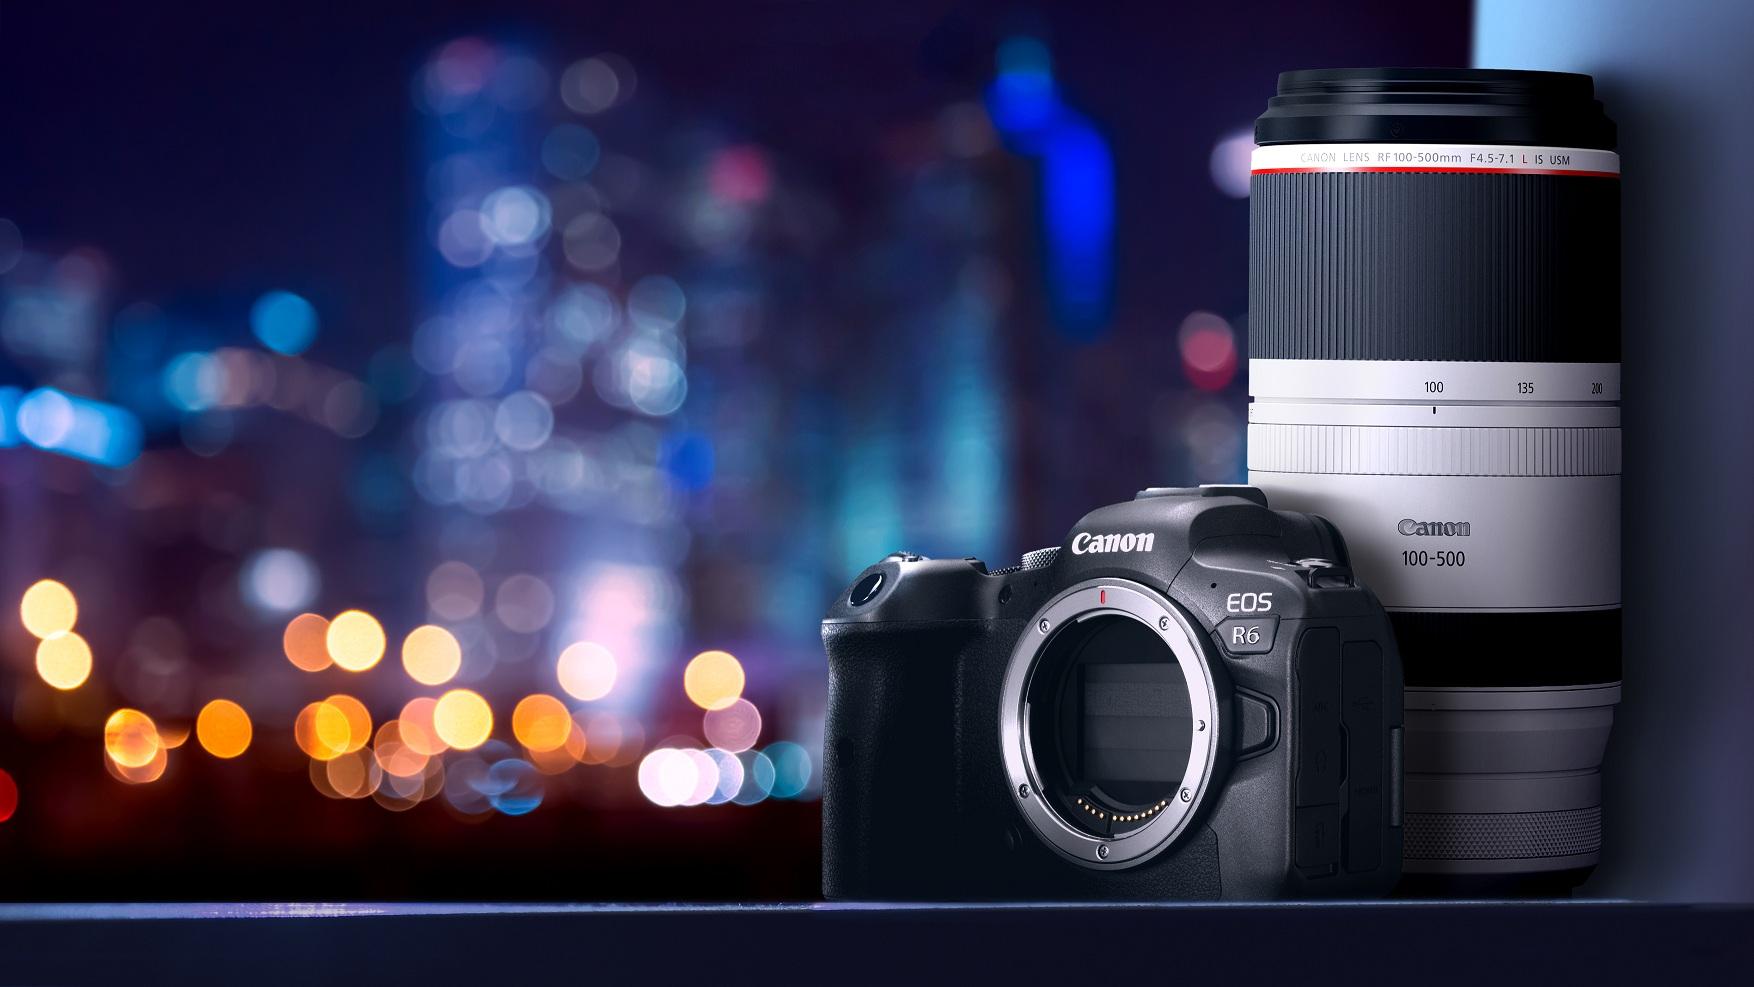 Canon ra mắt máy ảnh EOS R5, R6 và loạt ống kính mới marketingreview.vn 3